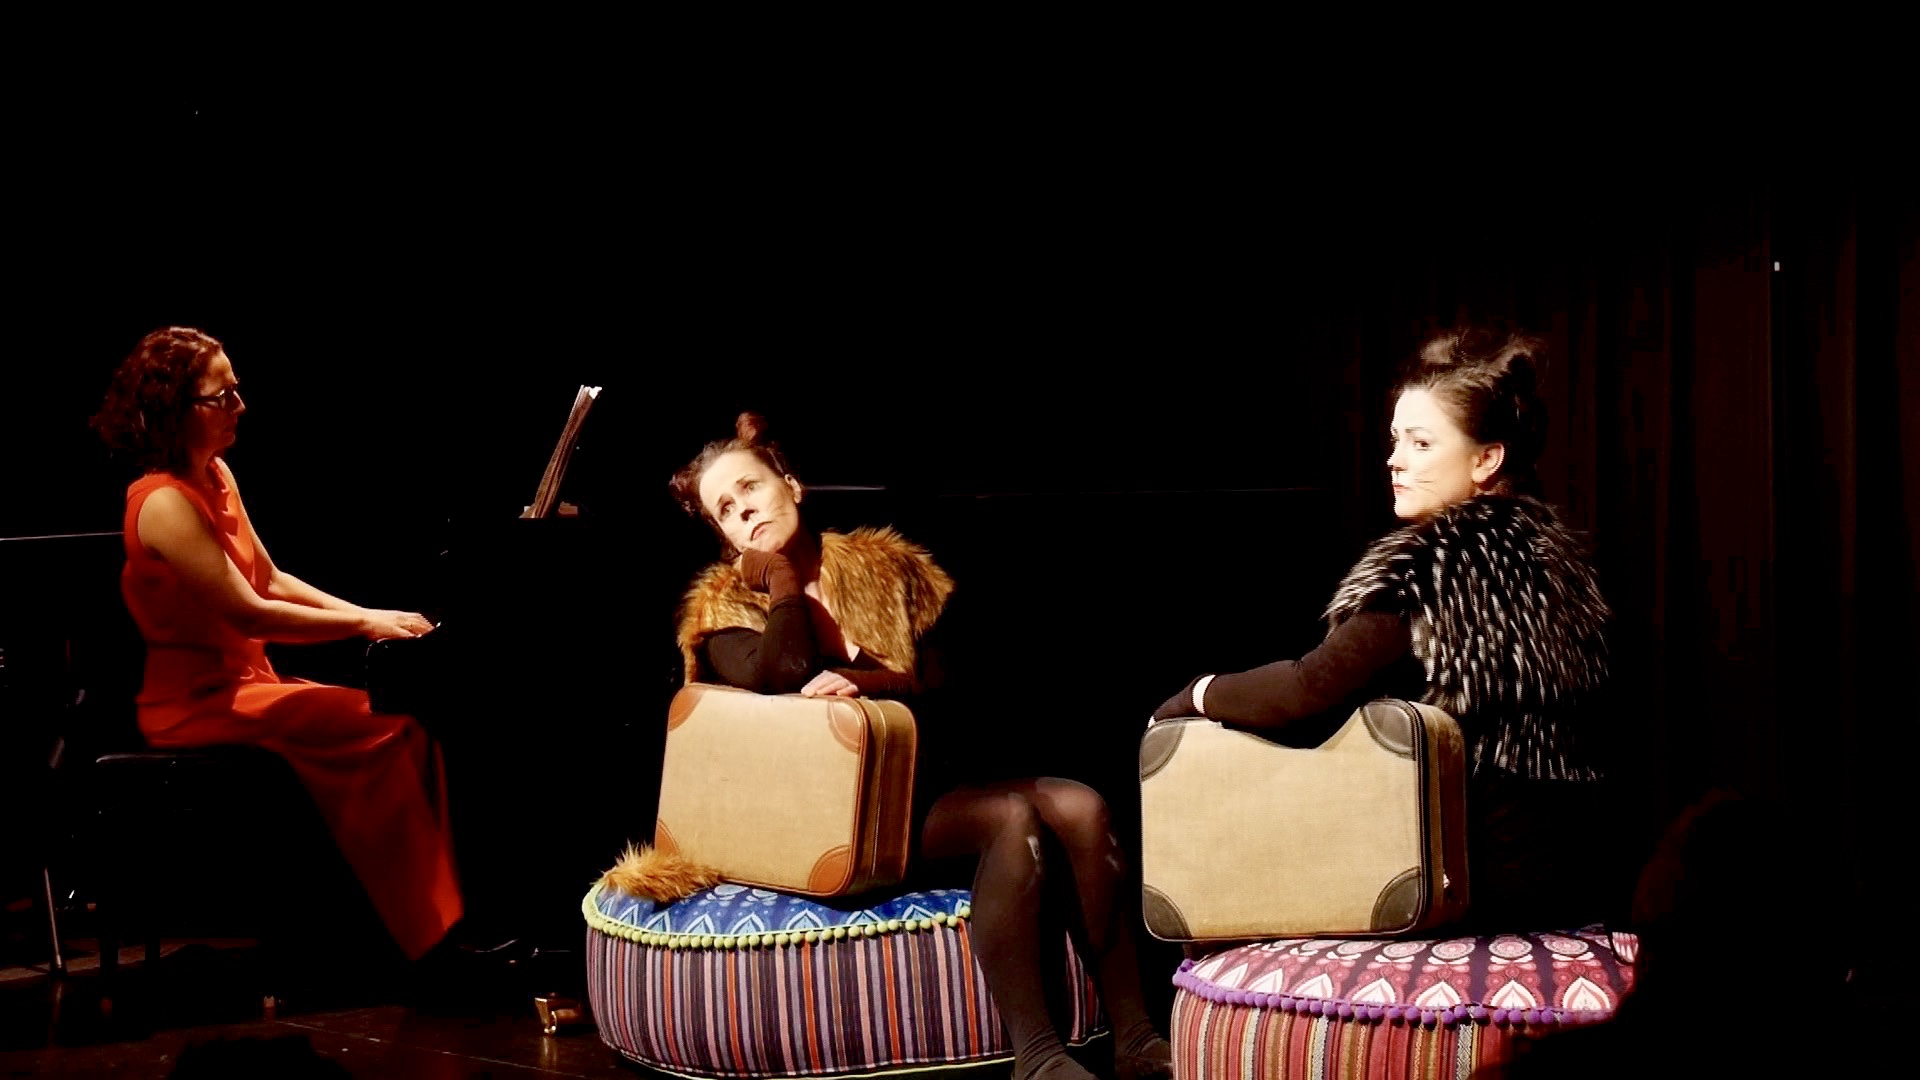 Salonlöwinnen on tour, mit Martina Jäger und Aglaia Bätzner (Ava Friedrich)